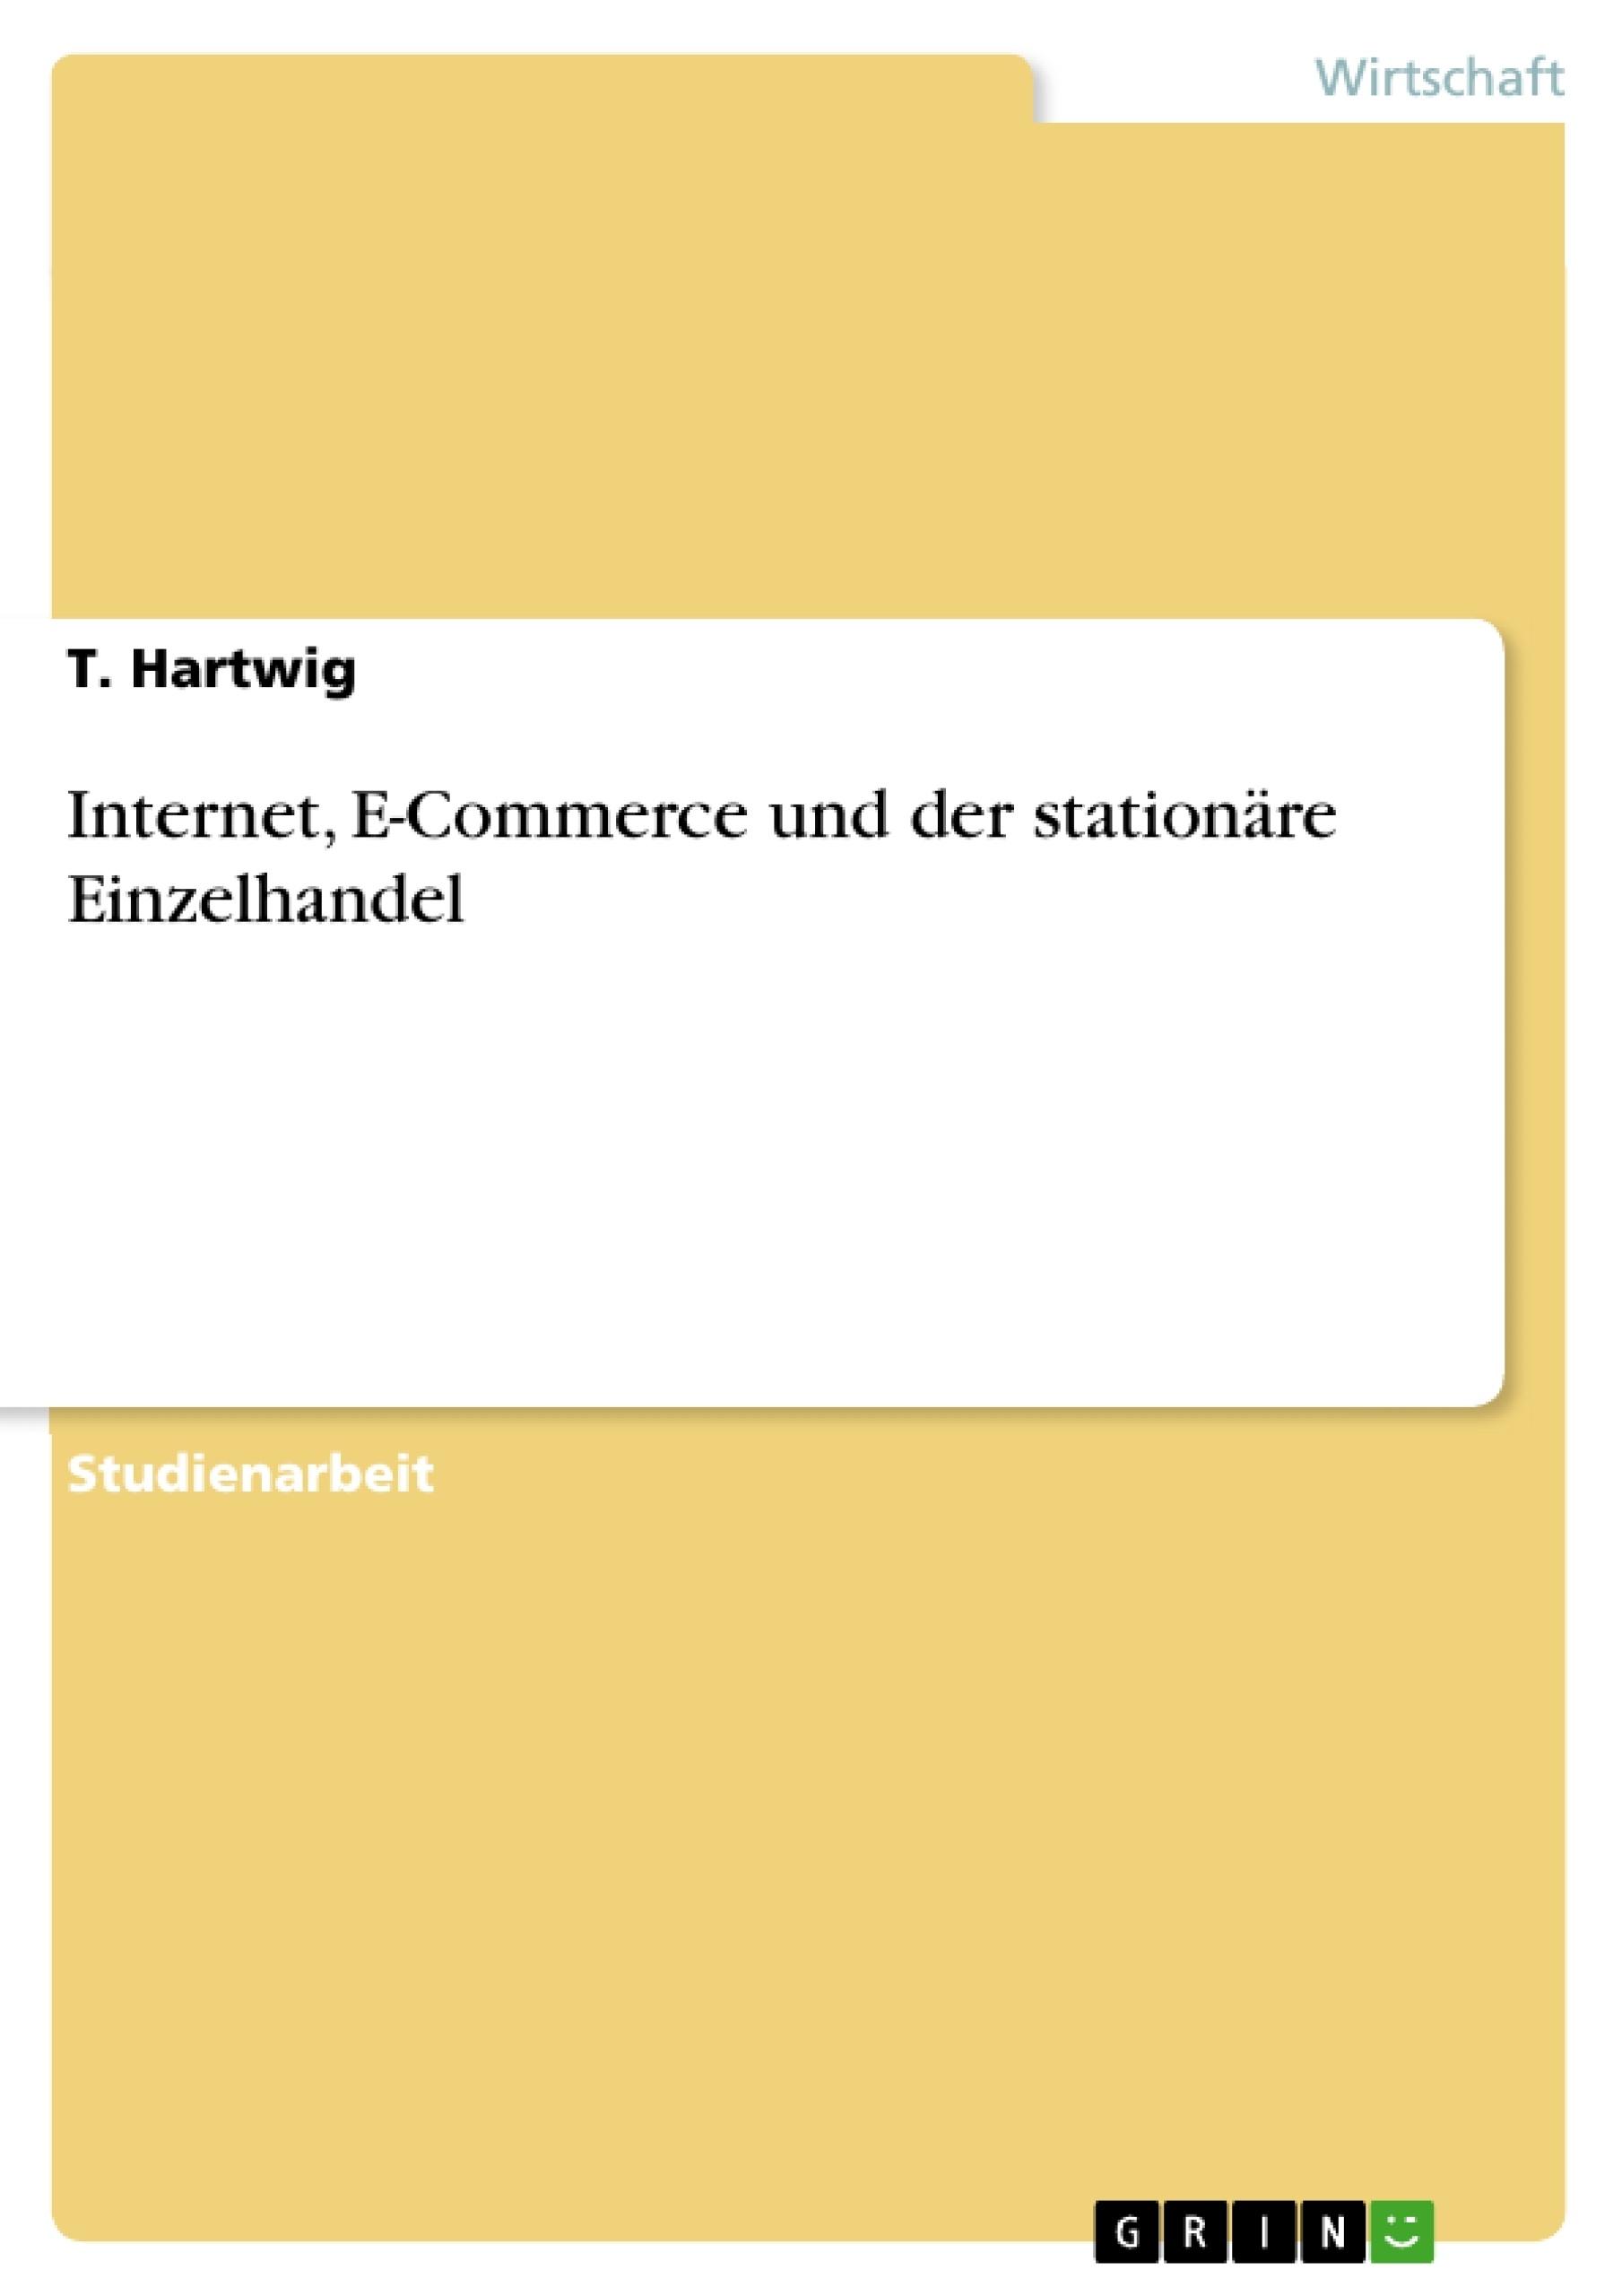 Titel: Internet, E-Commerce und der stationäre Einzelhandel